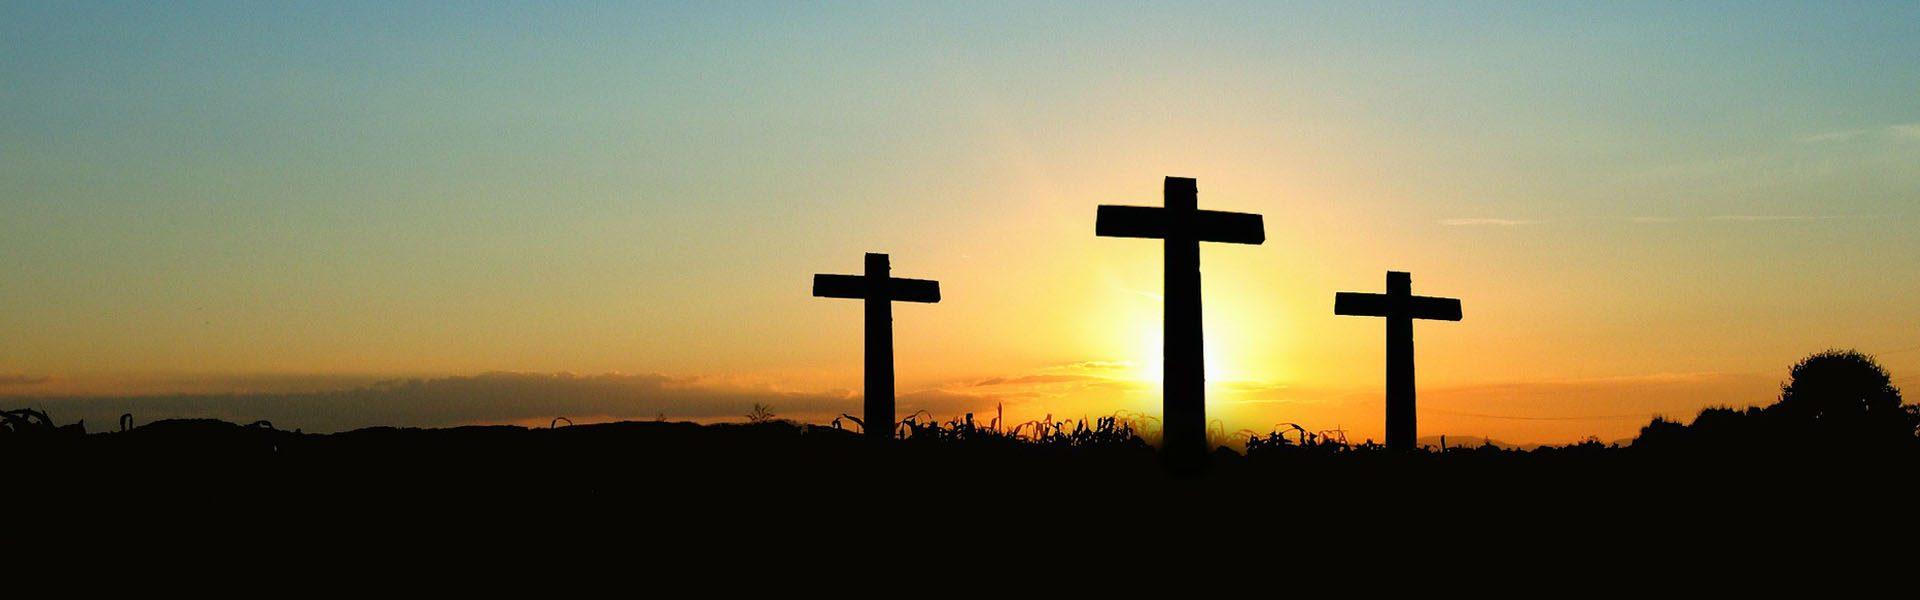 Unsere Hoffnung ist dasKreuz